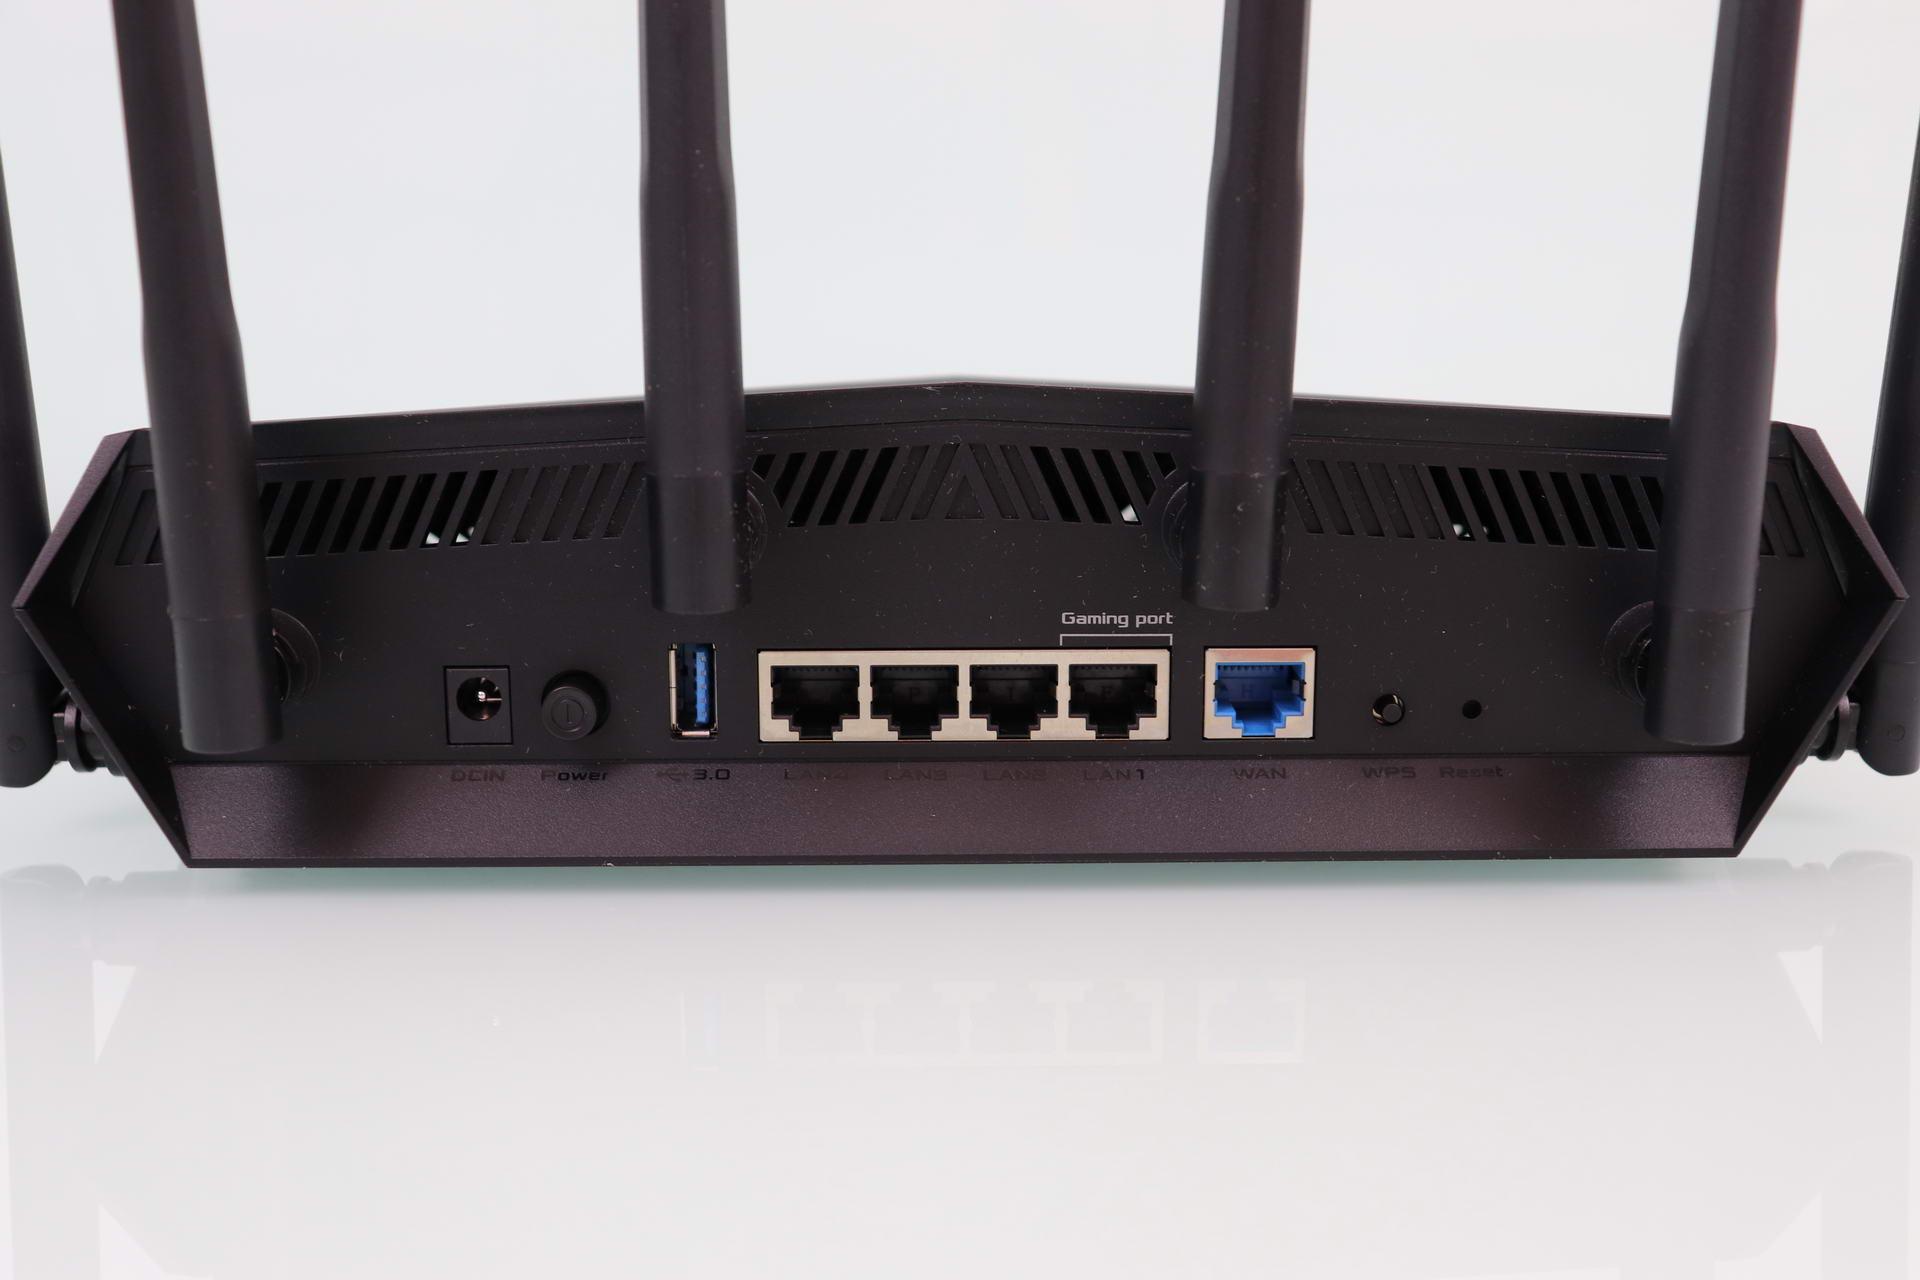 Alimentación, USB, puertos Gigabit LAN y WAN y botones del router ASUS TUF-AX5400